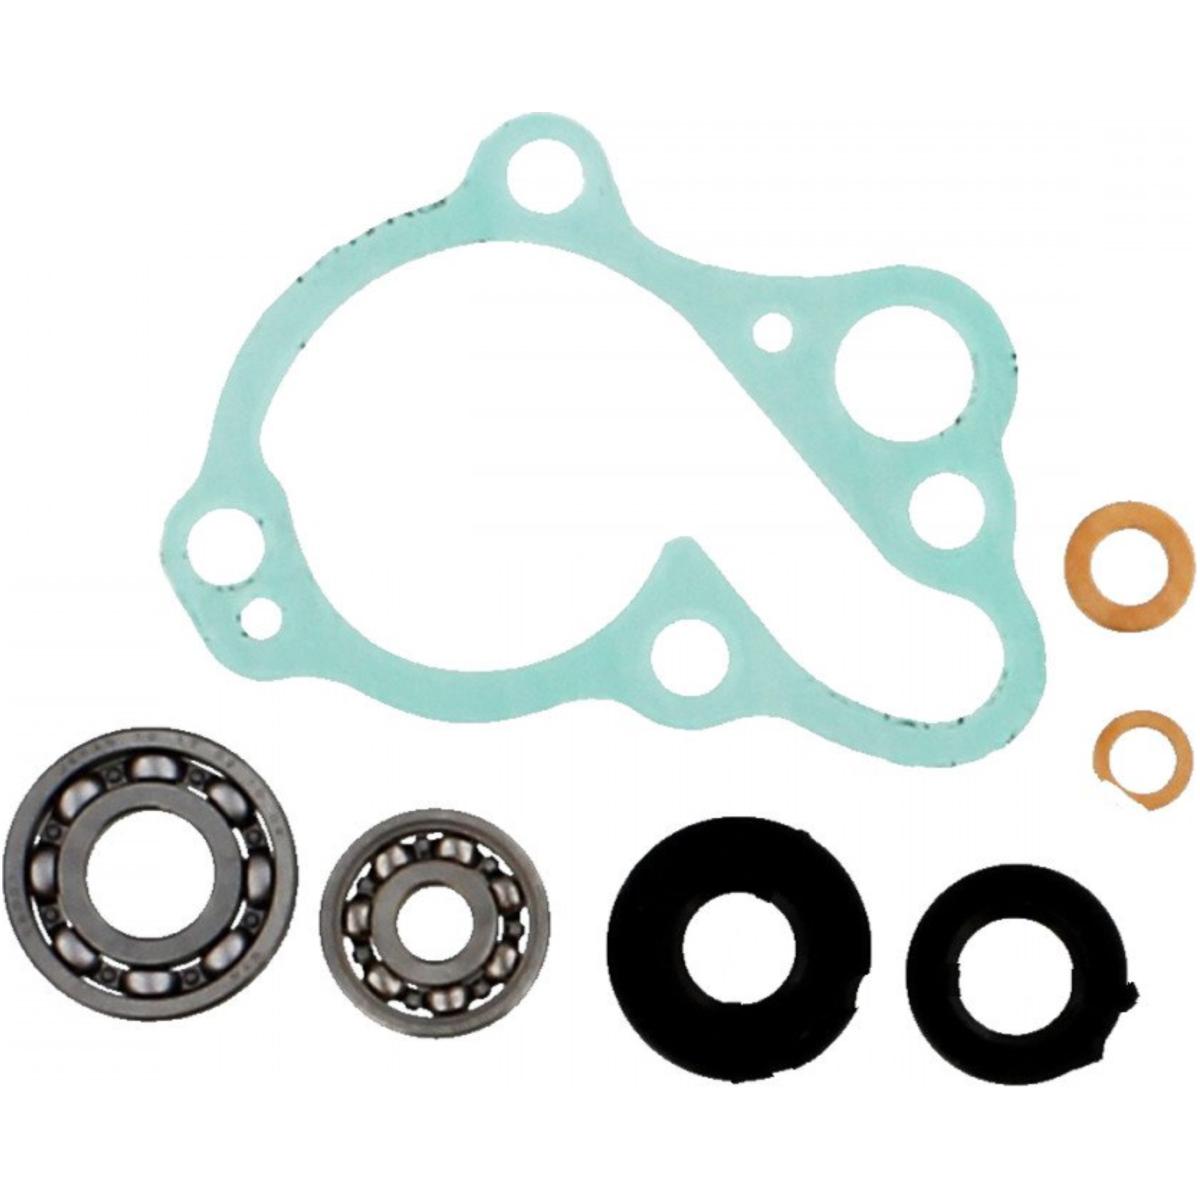 Athena Parts P400210470012 Water Pump Gasket Kit